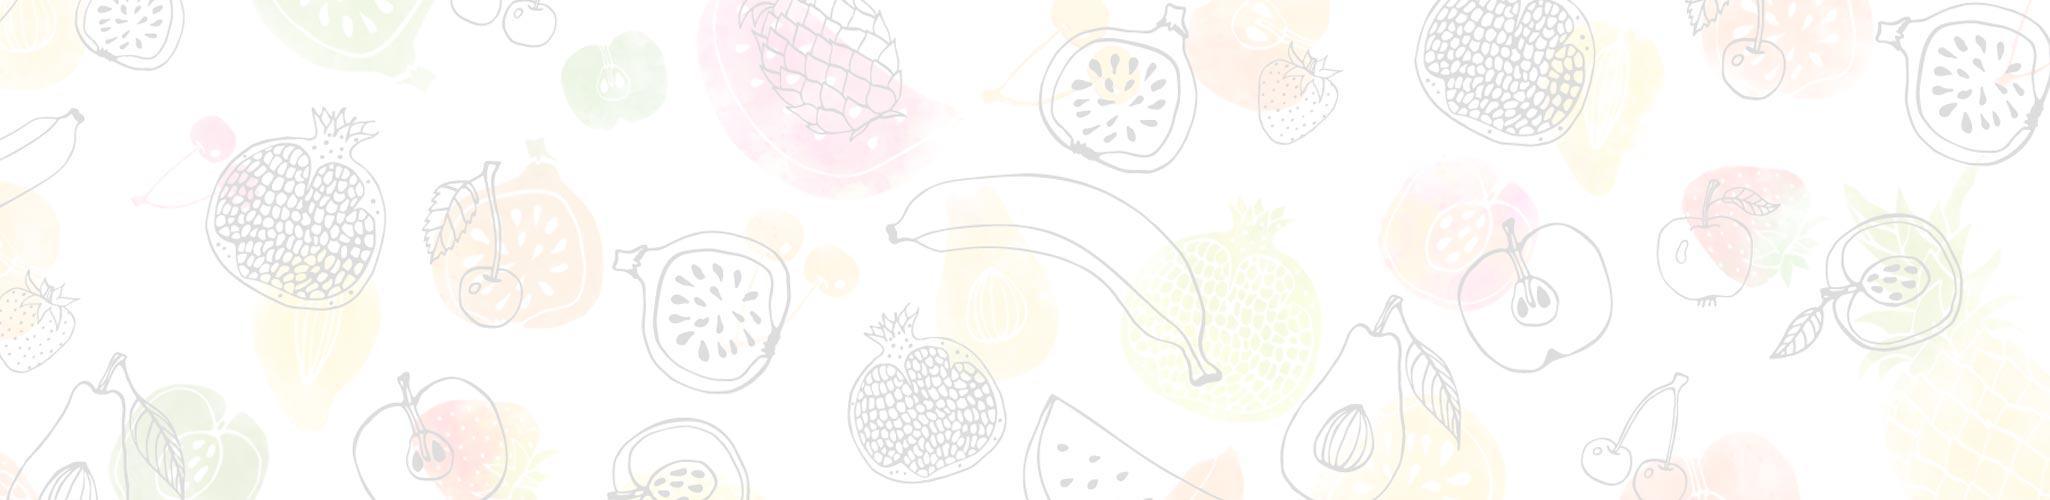 Bunte Früchte als Header für BeziehungsweiseWachsen